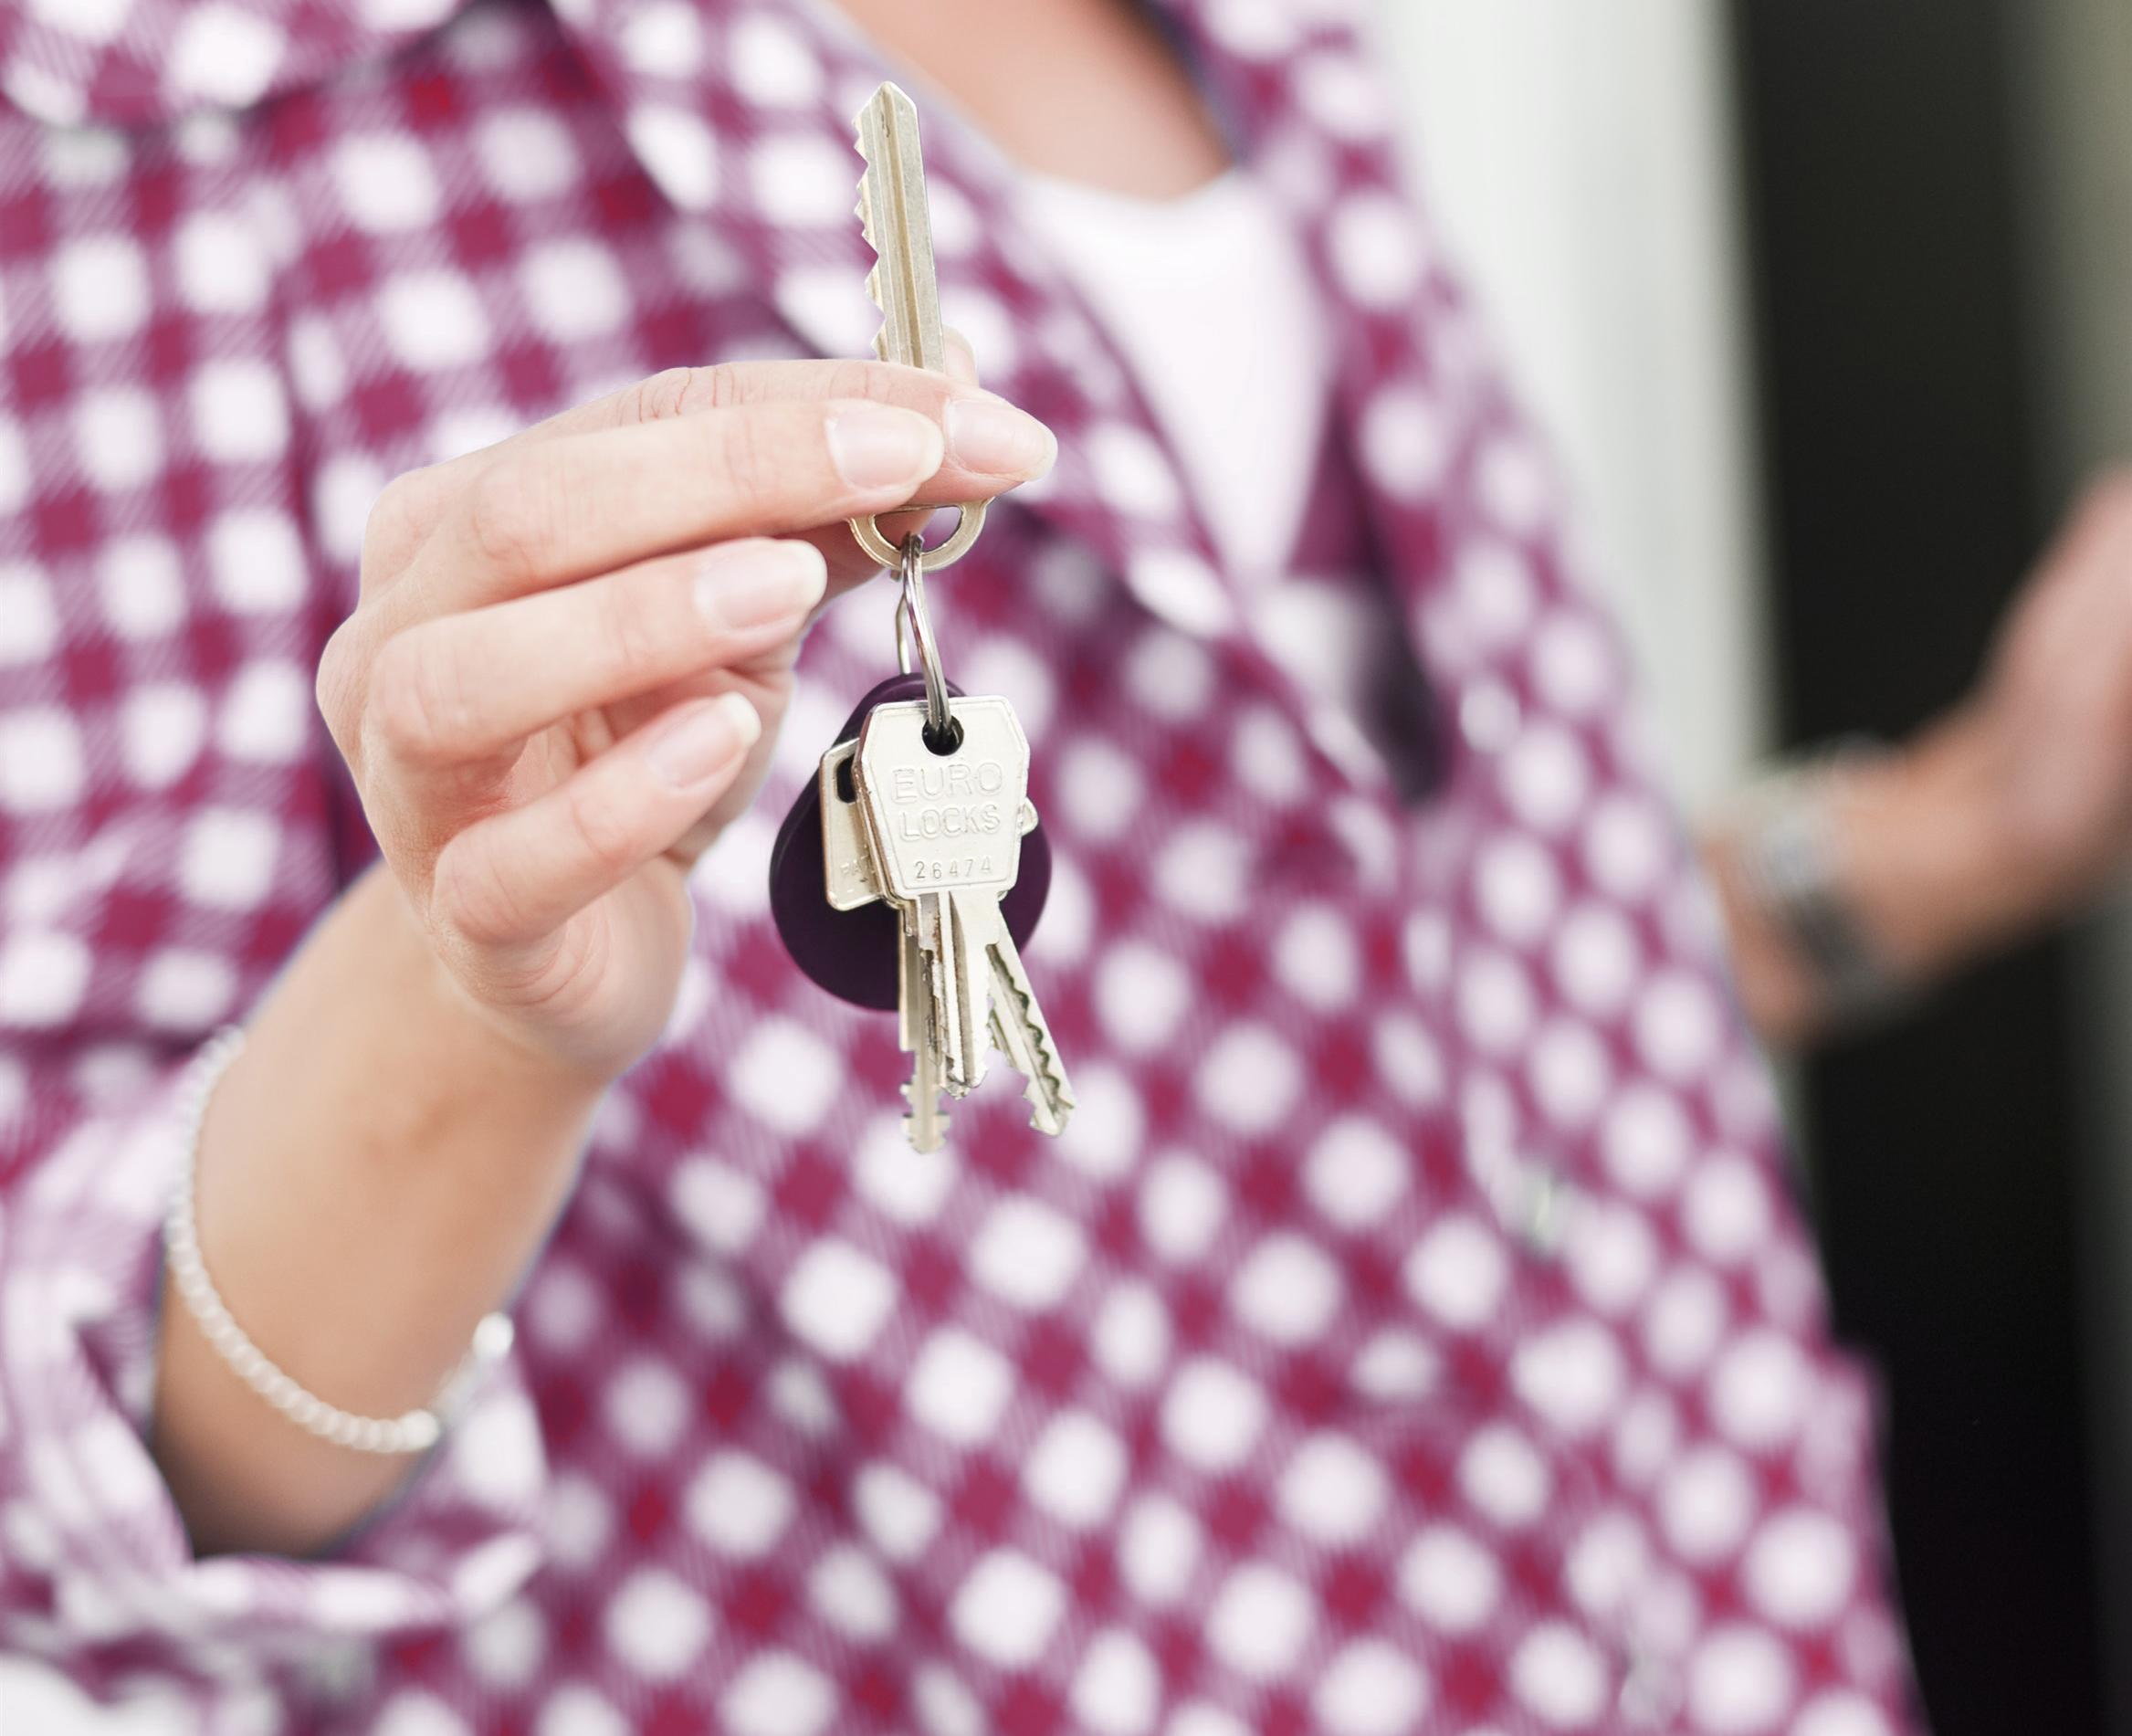 Kvinna håller nyckelknippa i handen.